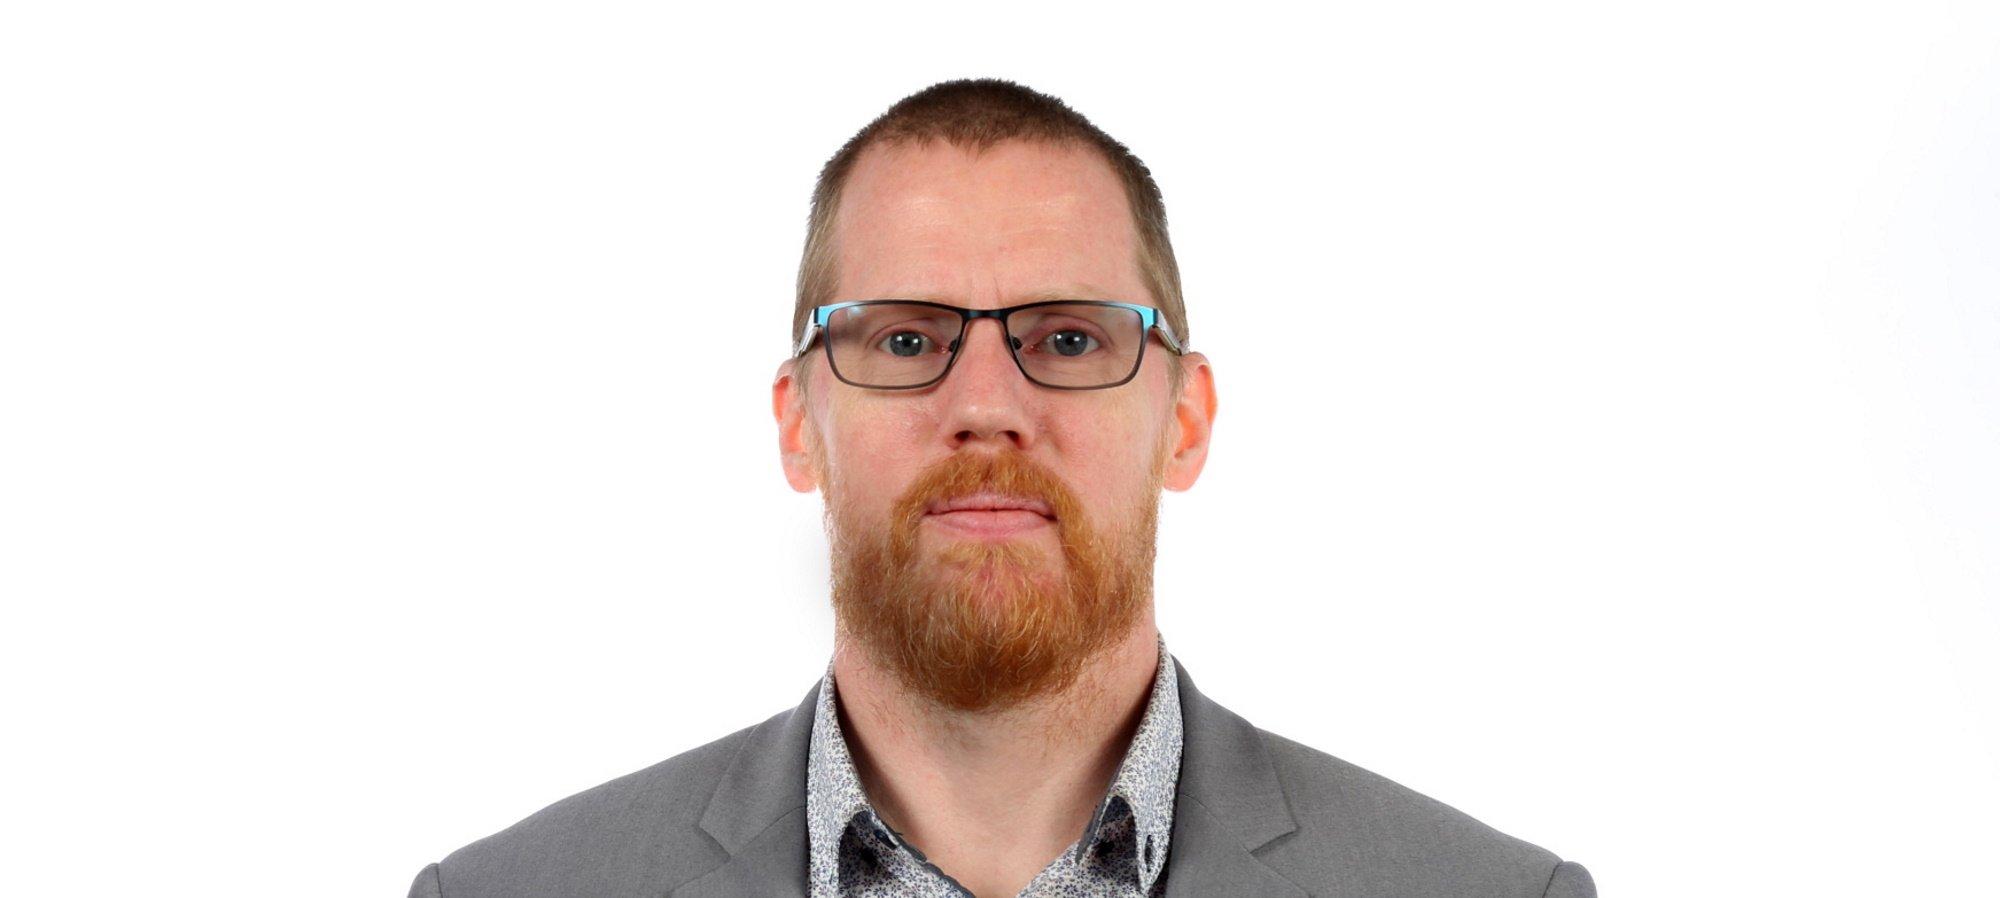 Kris Cosgrove Equinox IT Auckland Principal Consultant